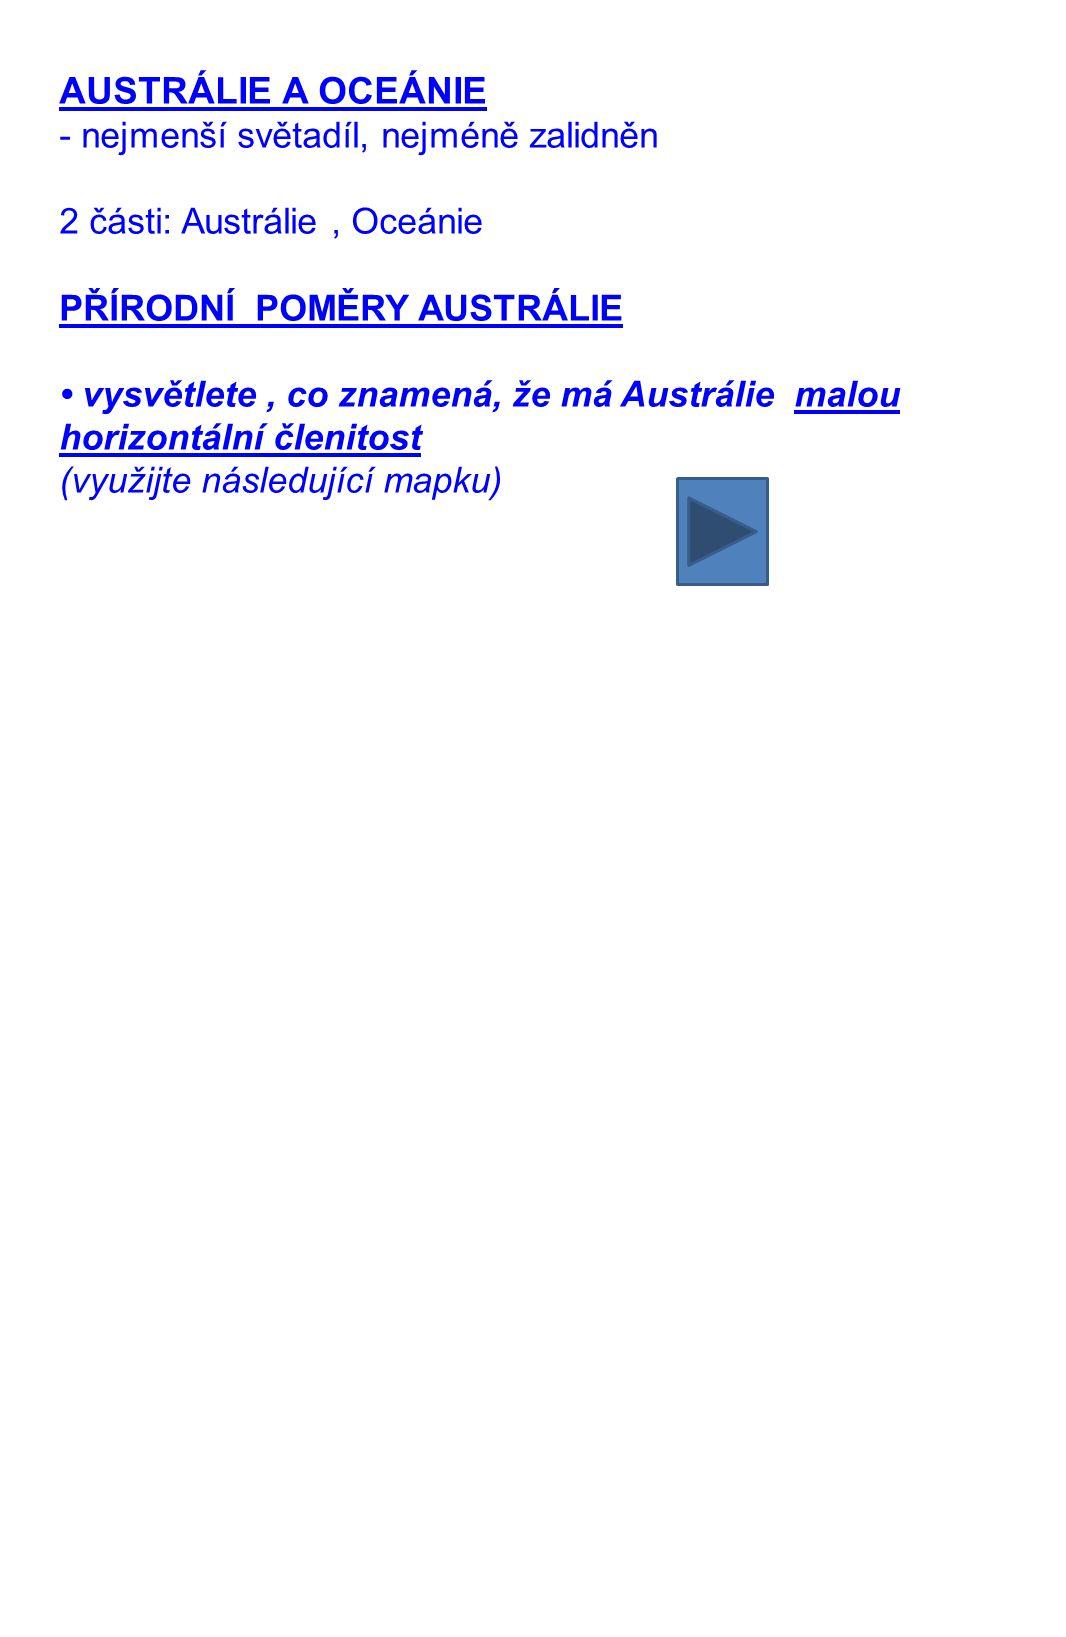 http://www.zemepis.com/images/slmapy/australie.jpg horizontální členitost